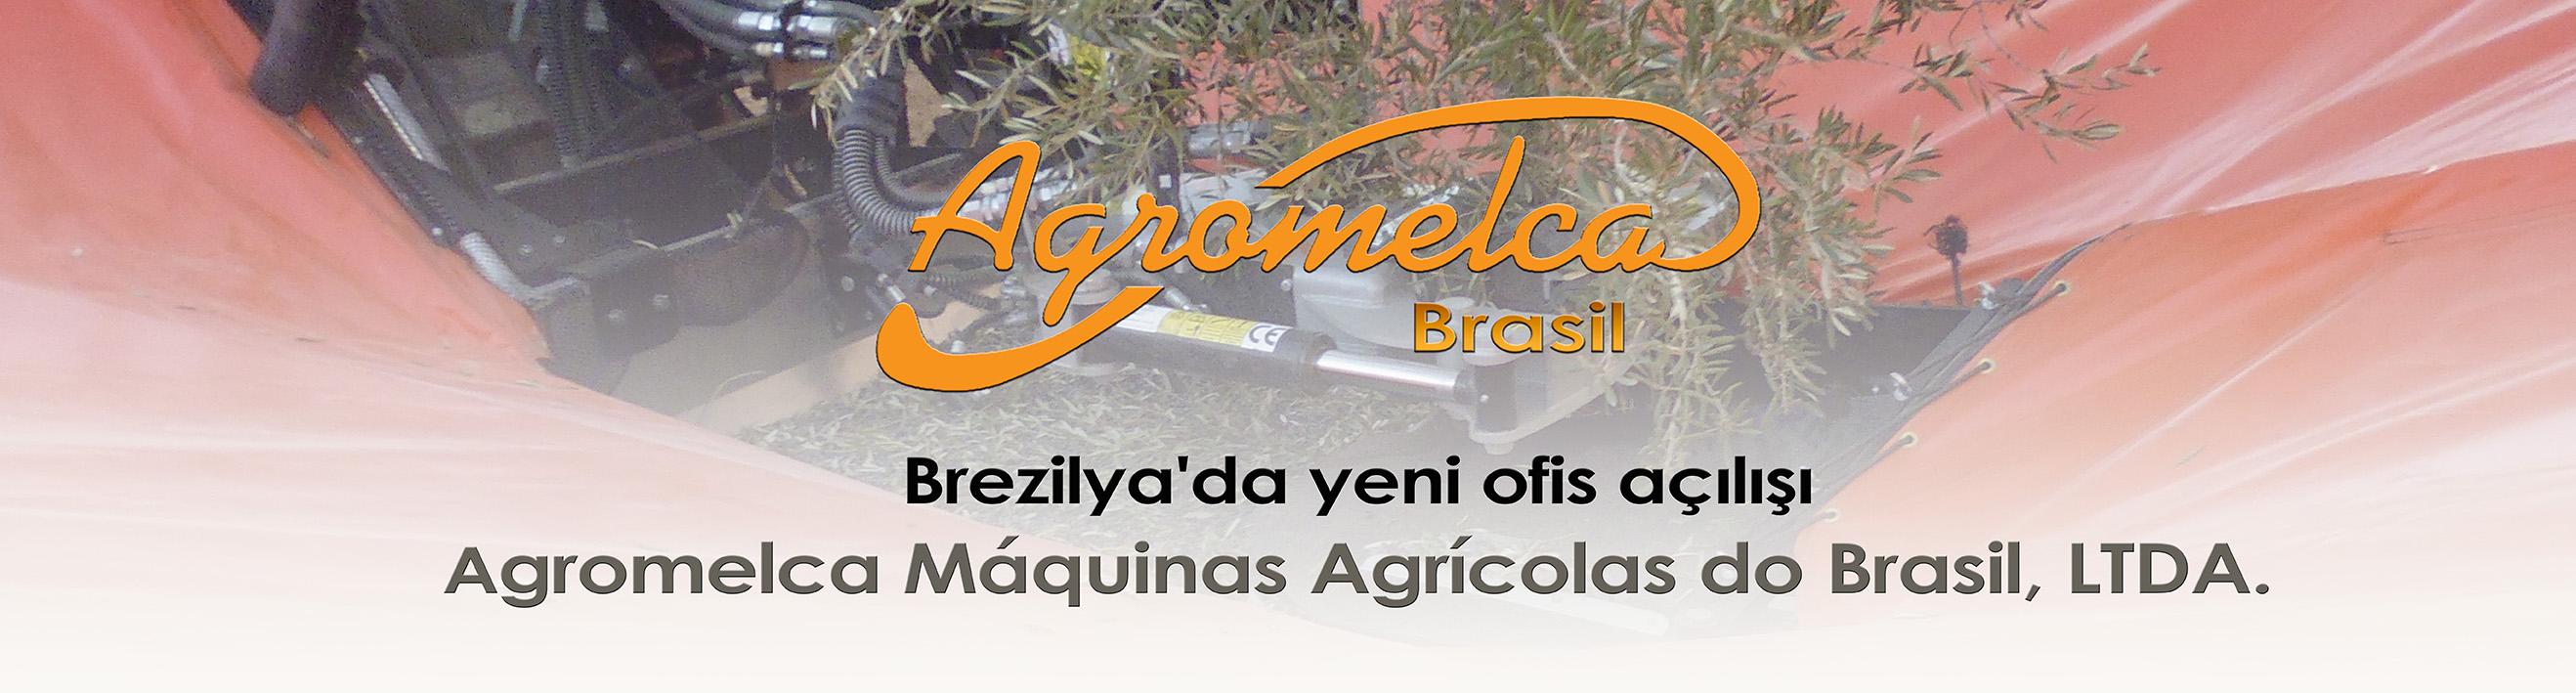 equipos_recolectores_de_aceituna_y_frutos_secos_agromelca_en_brasil_turco-banner